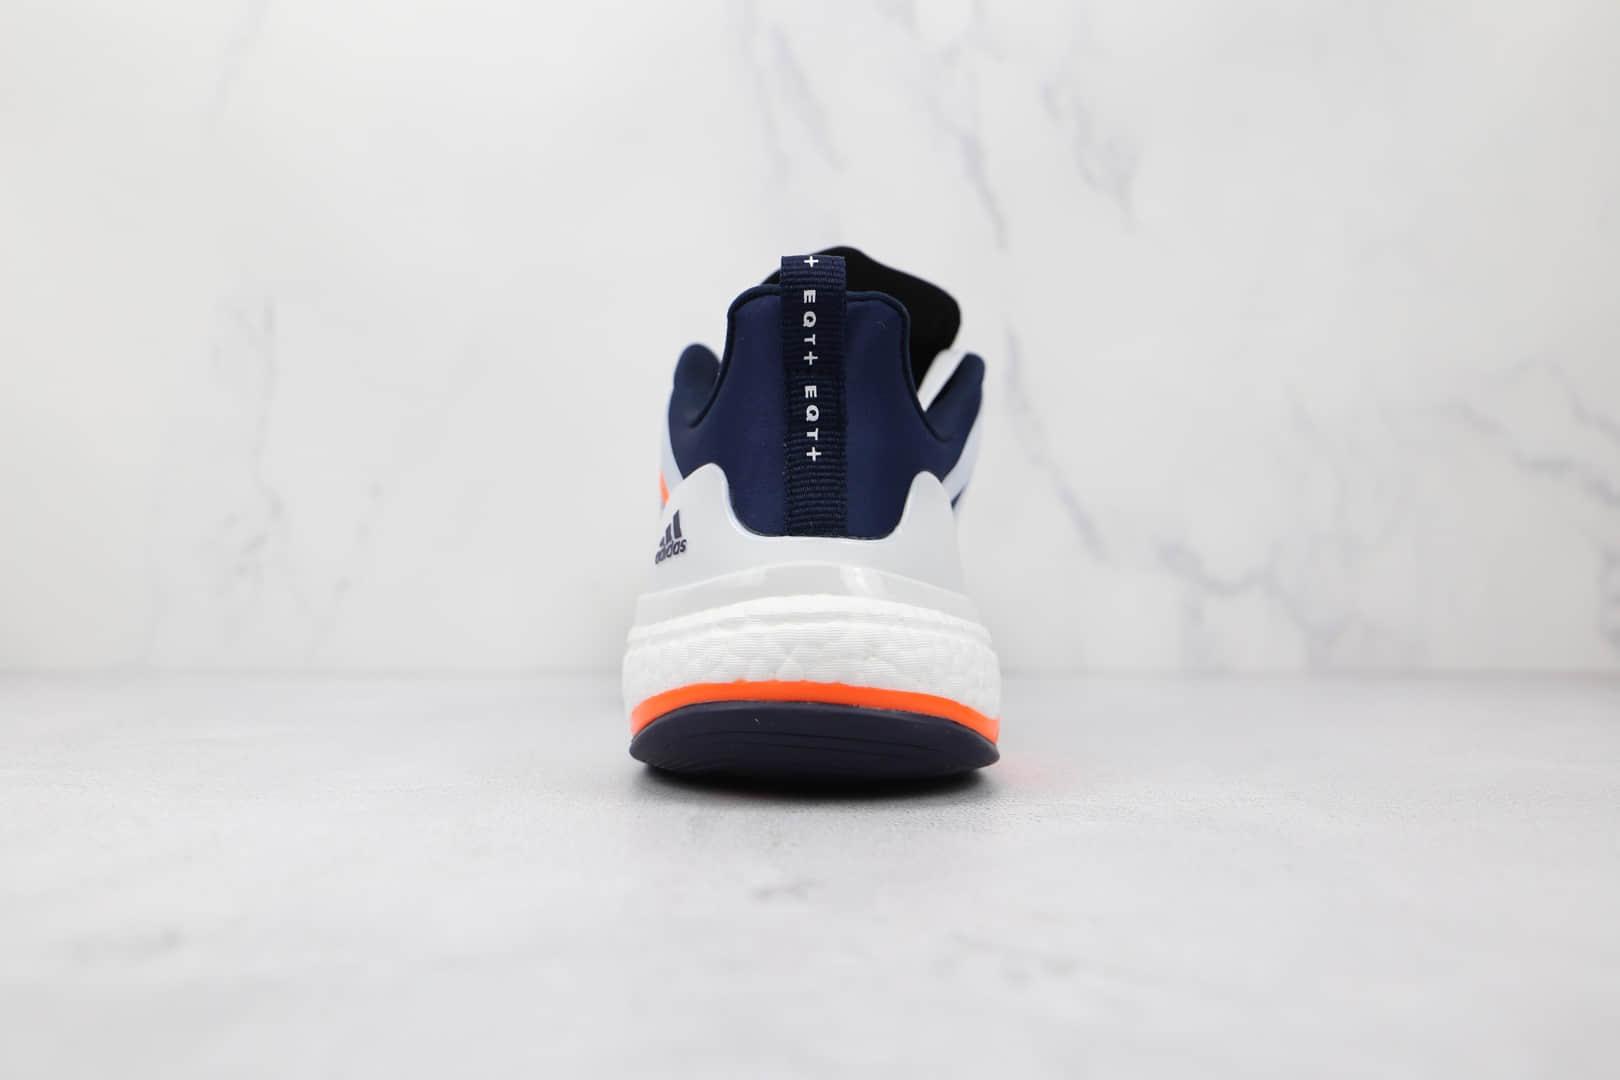 阿迪达斯Adidas EQUIPMENT+纯原版本白藏青蓝色EQT跑鞋原档案数据开发 货号:H02758